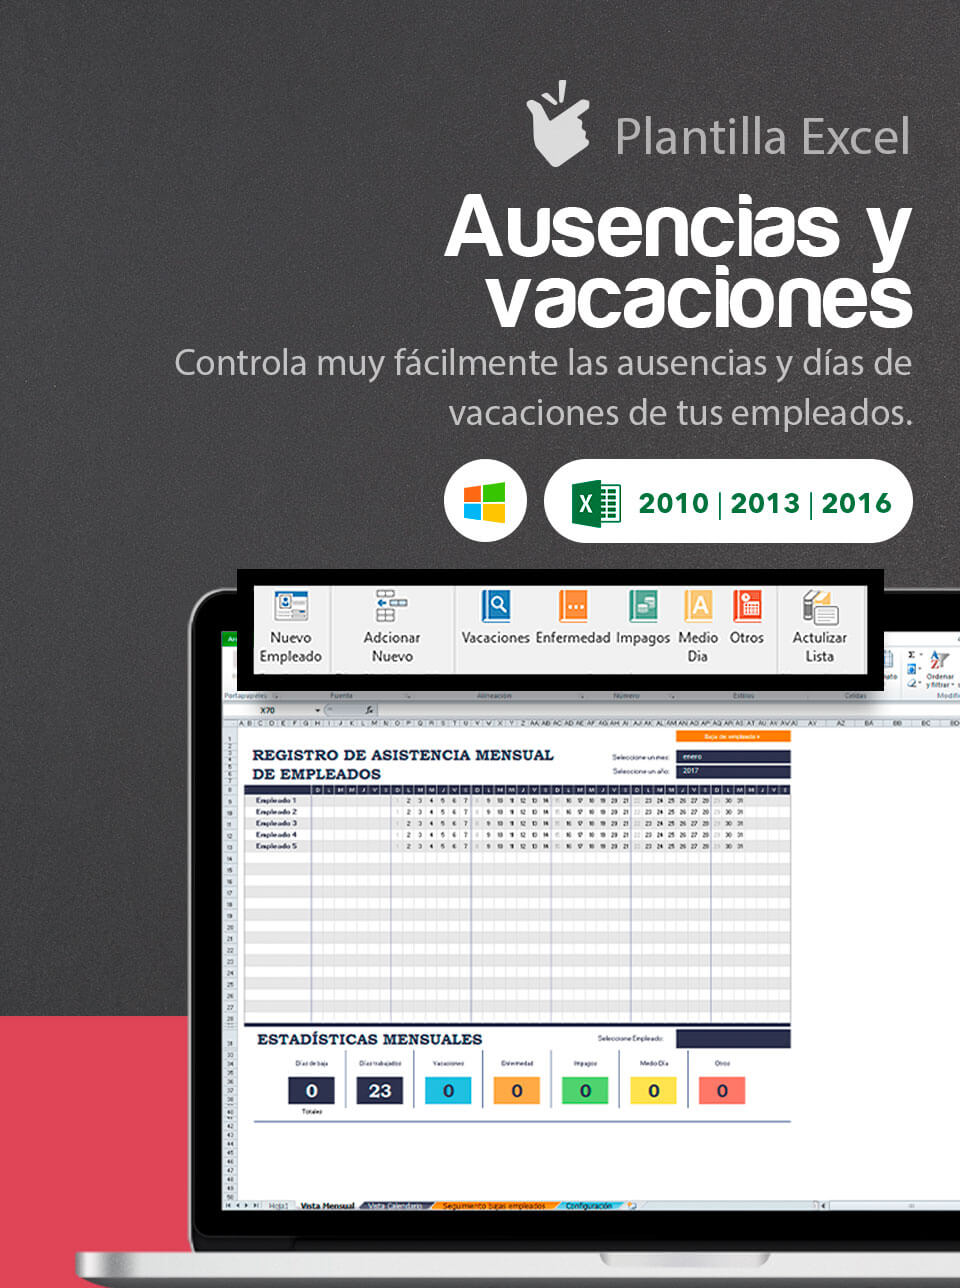 Plantilla Control de Ausencias y Vacaciones | Cuadrante excel ...